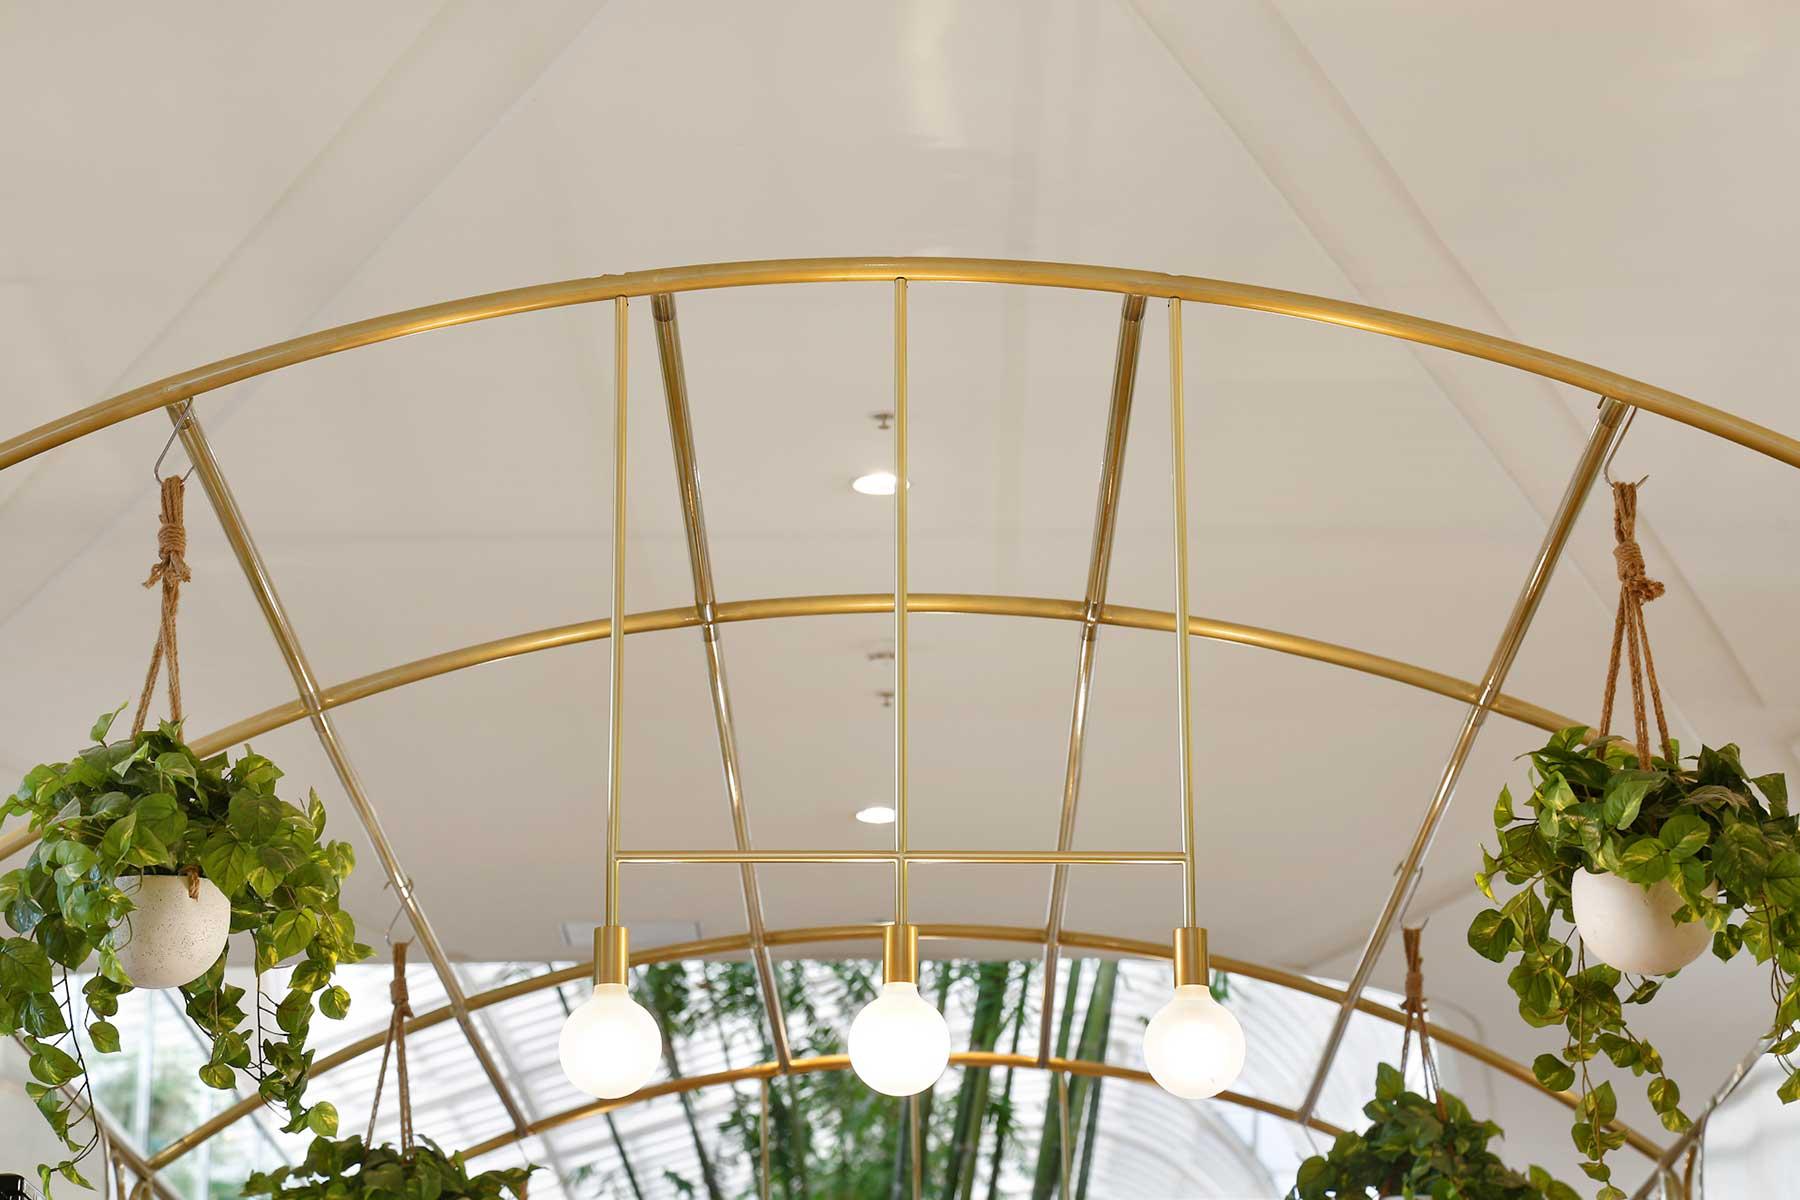 Bacetto Gelato, Chadstone - interior design by Studio Y.